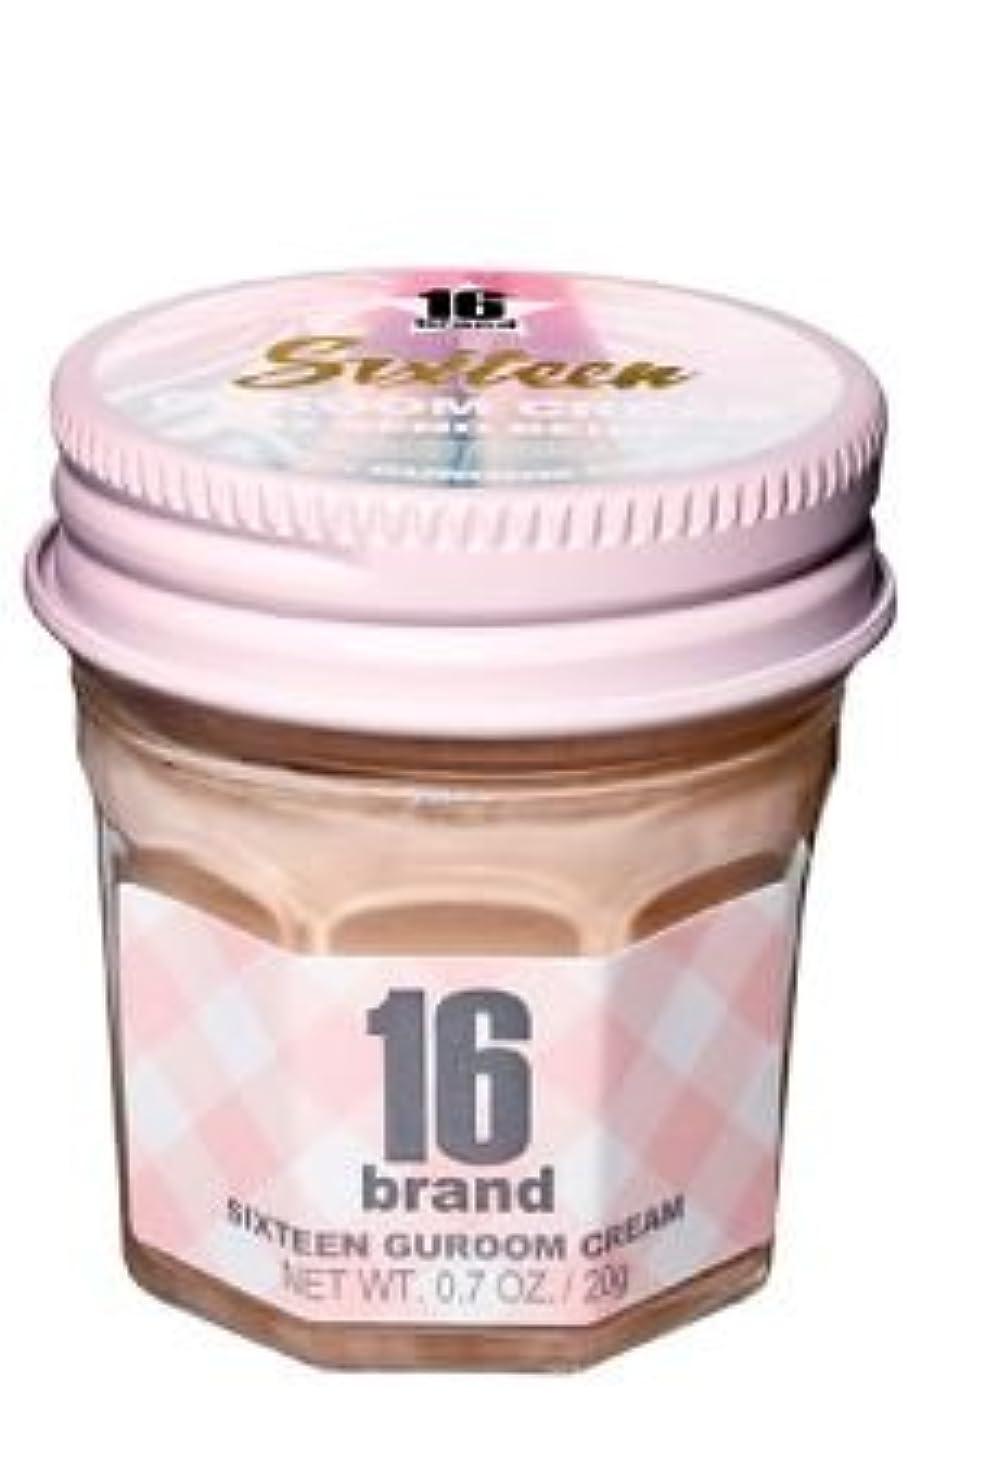 分子コンデンサーゴミ箱16brand Sixteen Guroom Cream Foundation 20g/16ブランド シックスティーン クルム クリーム ファンデーション 20g (#2 Sand Beige) [並行輸入品]